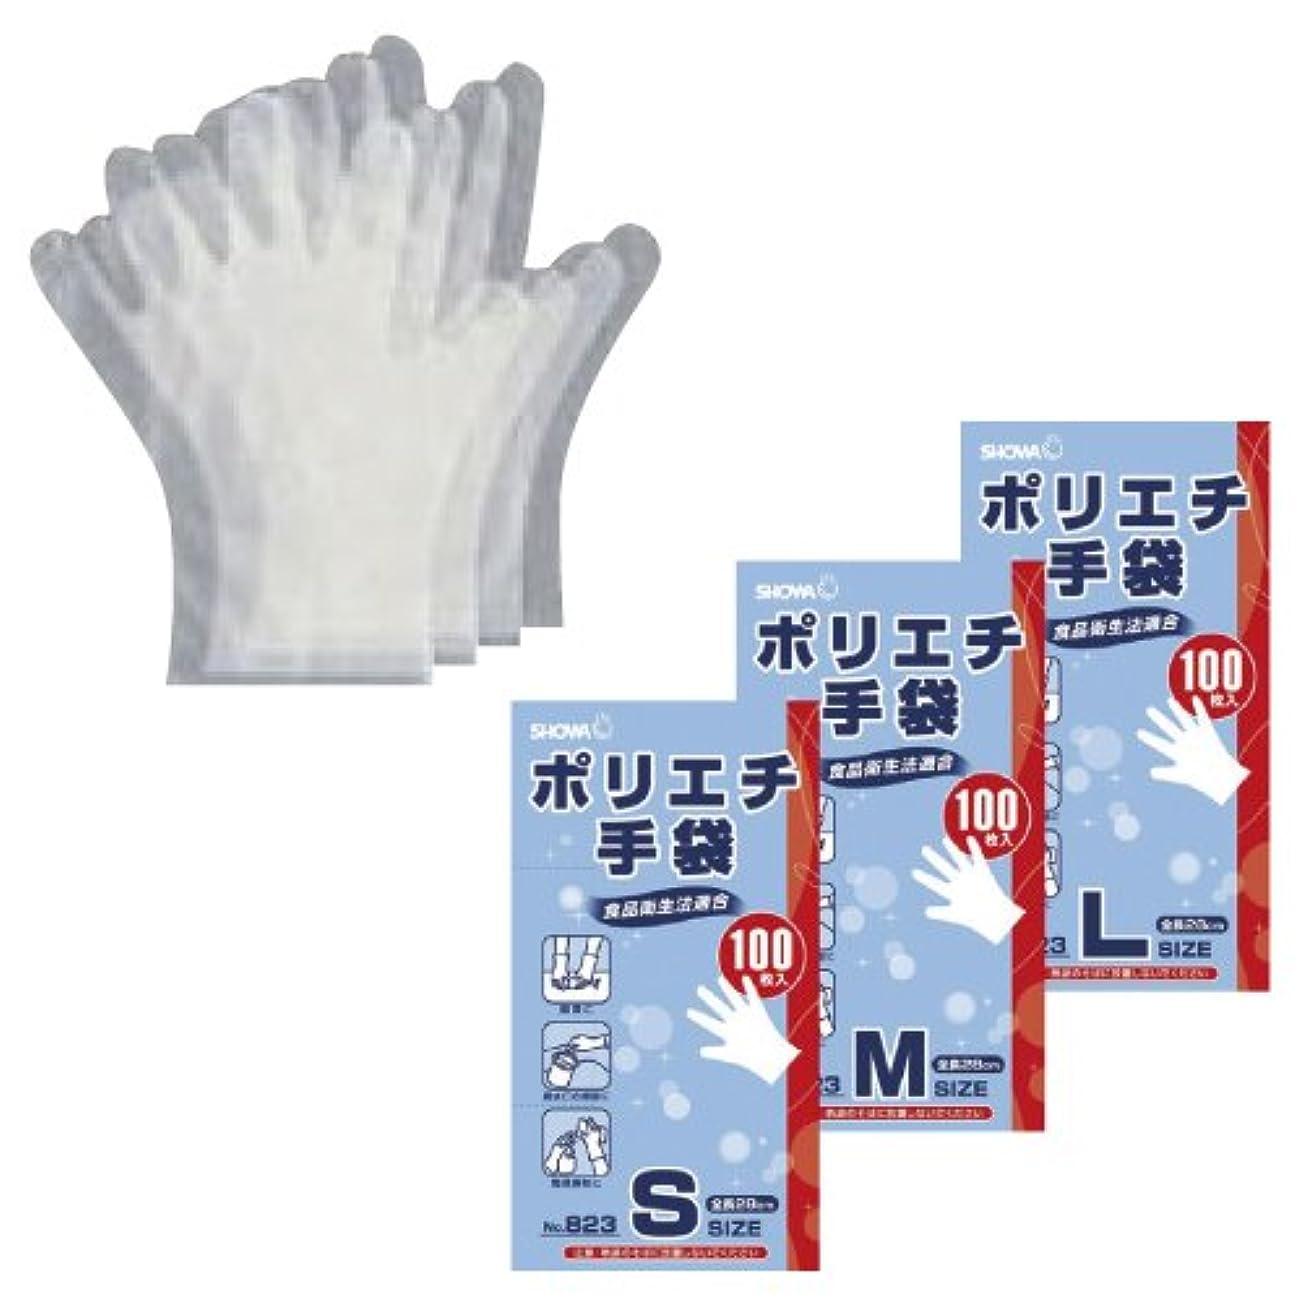 事前にパワー置くためにパックポリエチ手袋(半透明) NO.823(M)100????????????(23-7247-01)